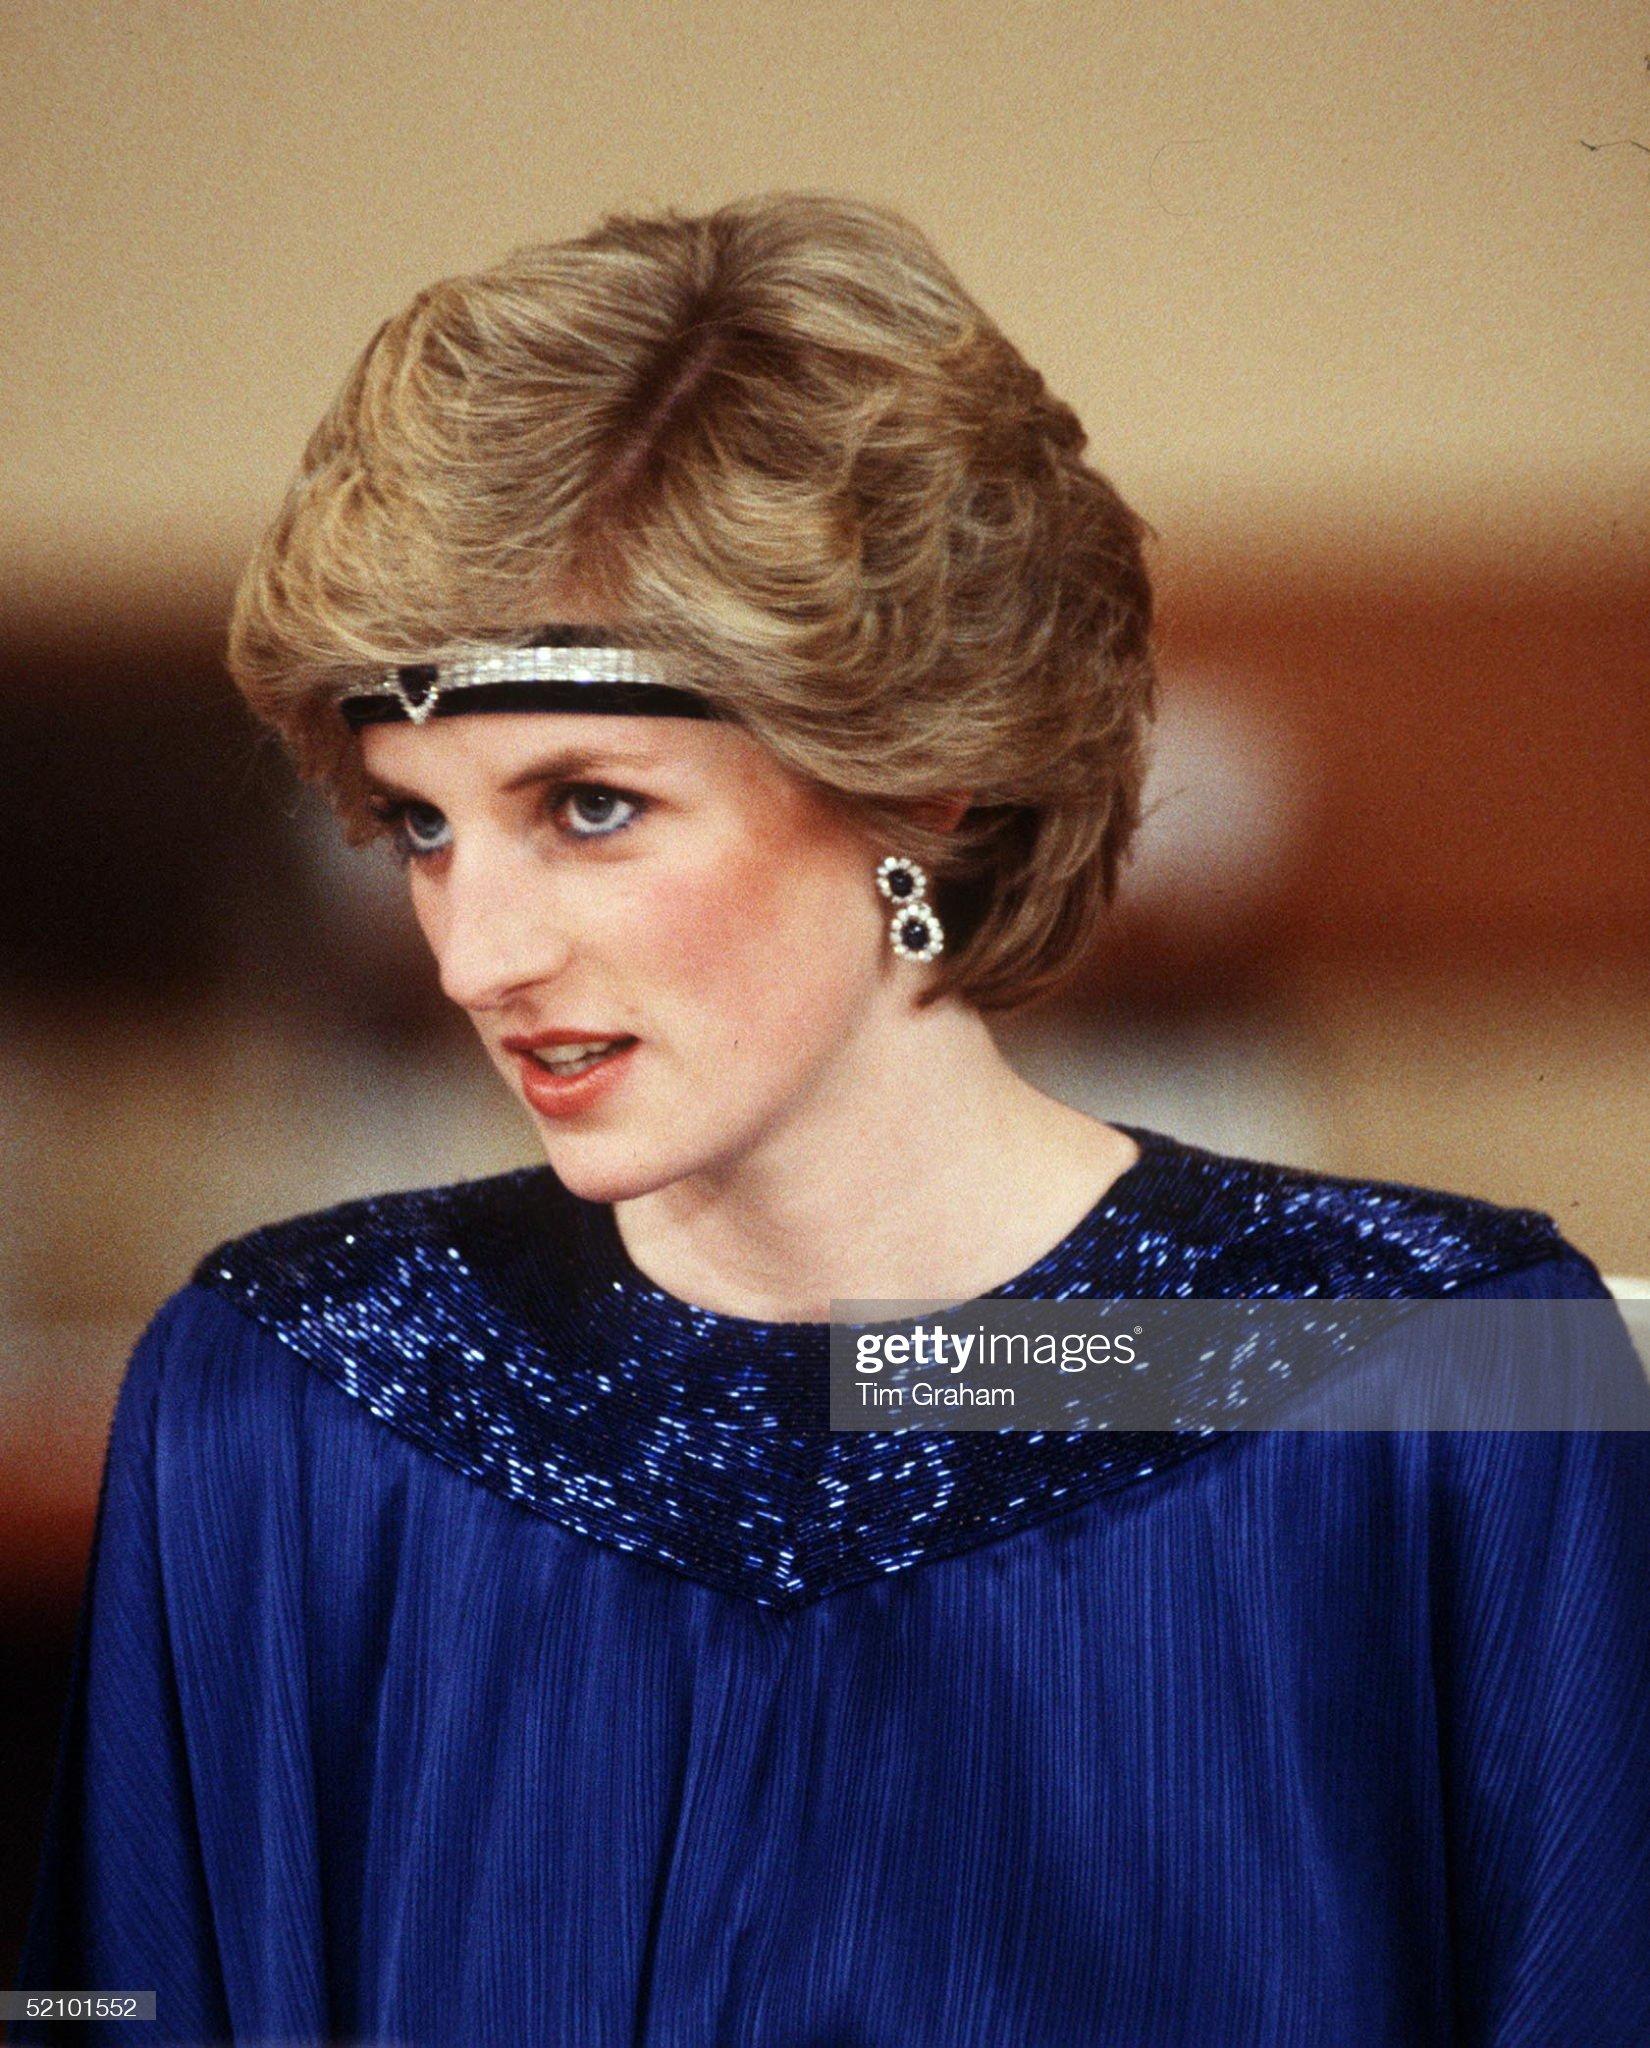 Diana Headband Japan : News Photo